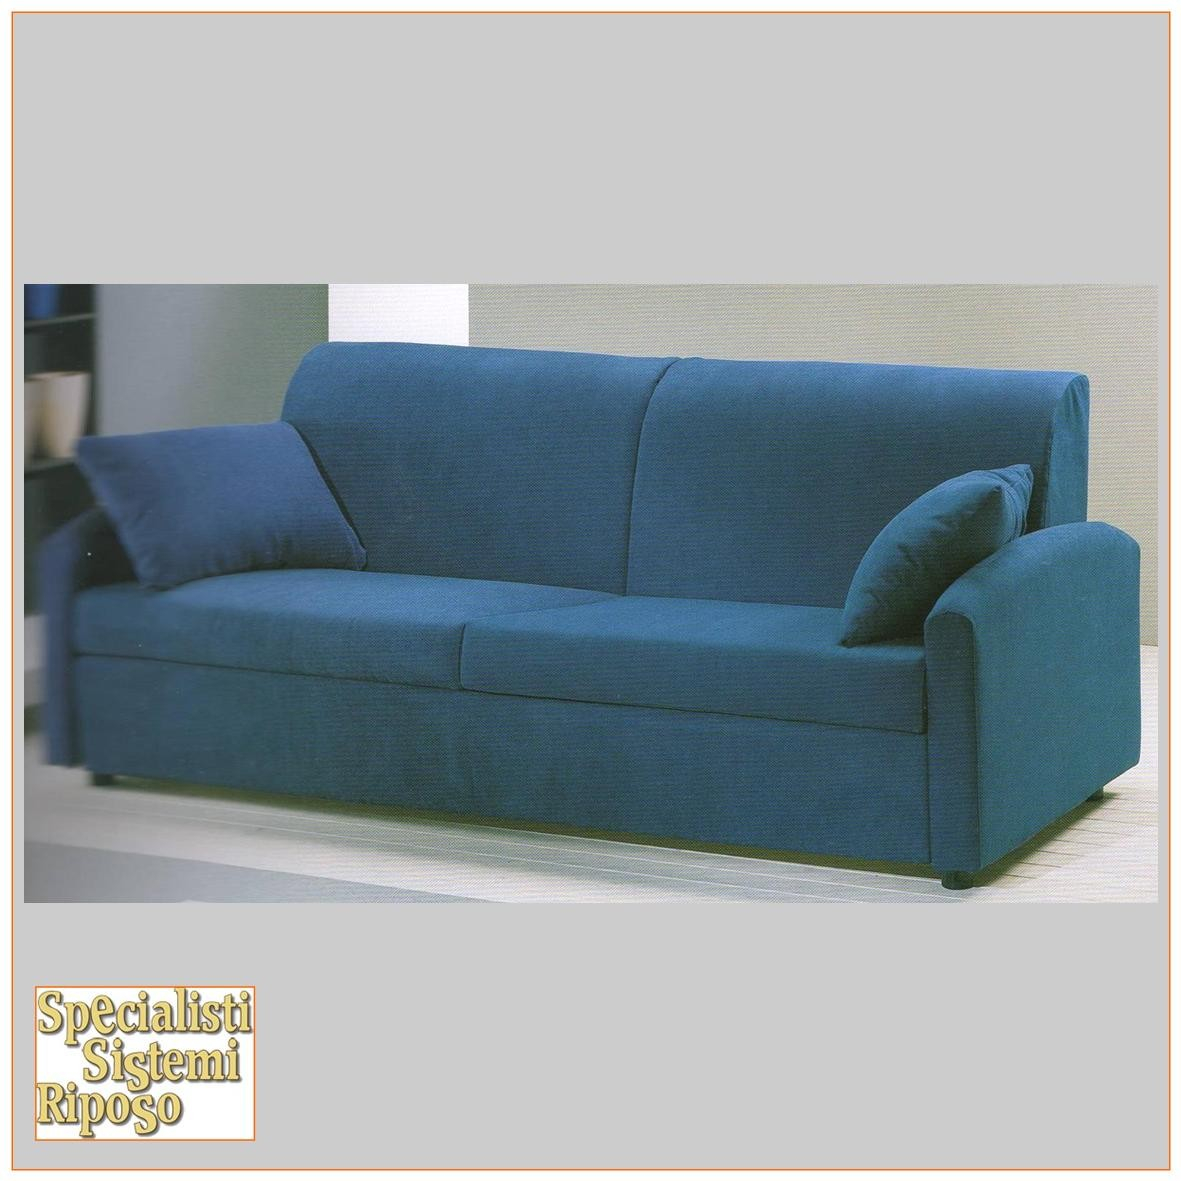 Rete per divano letto good divano fai da te una struttura di listelli spinati with rete per - Divano letto singolo girevole ...